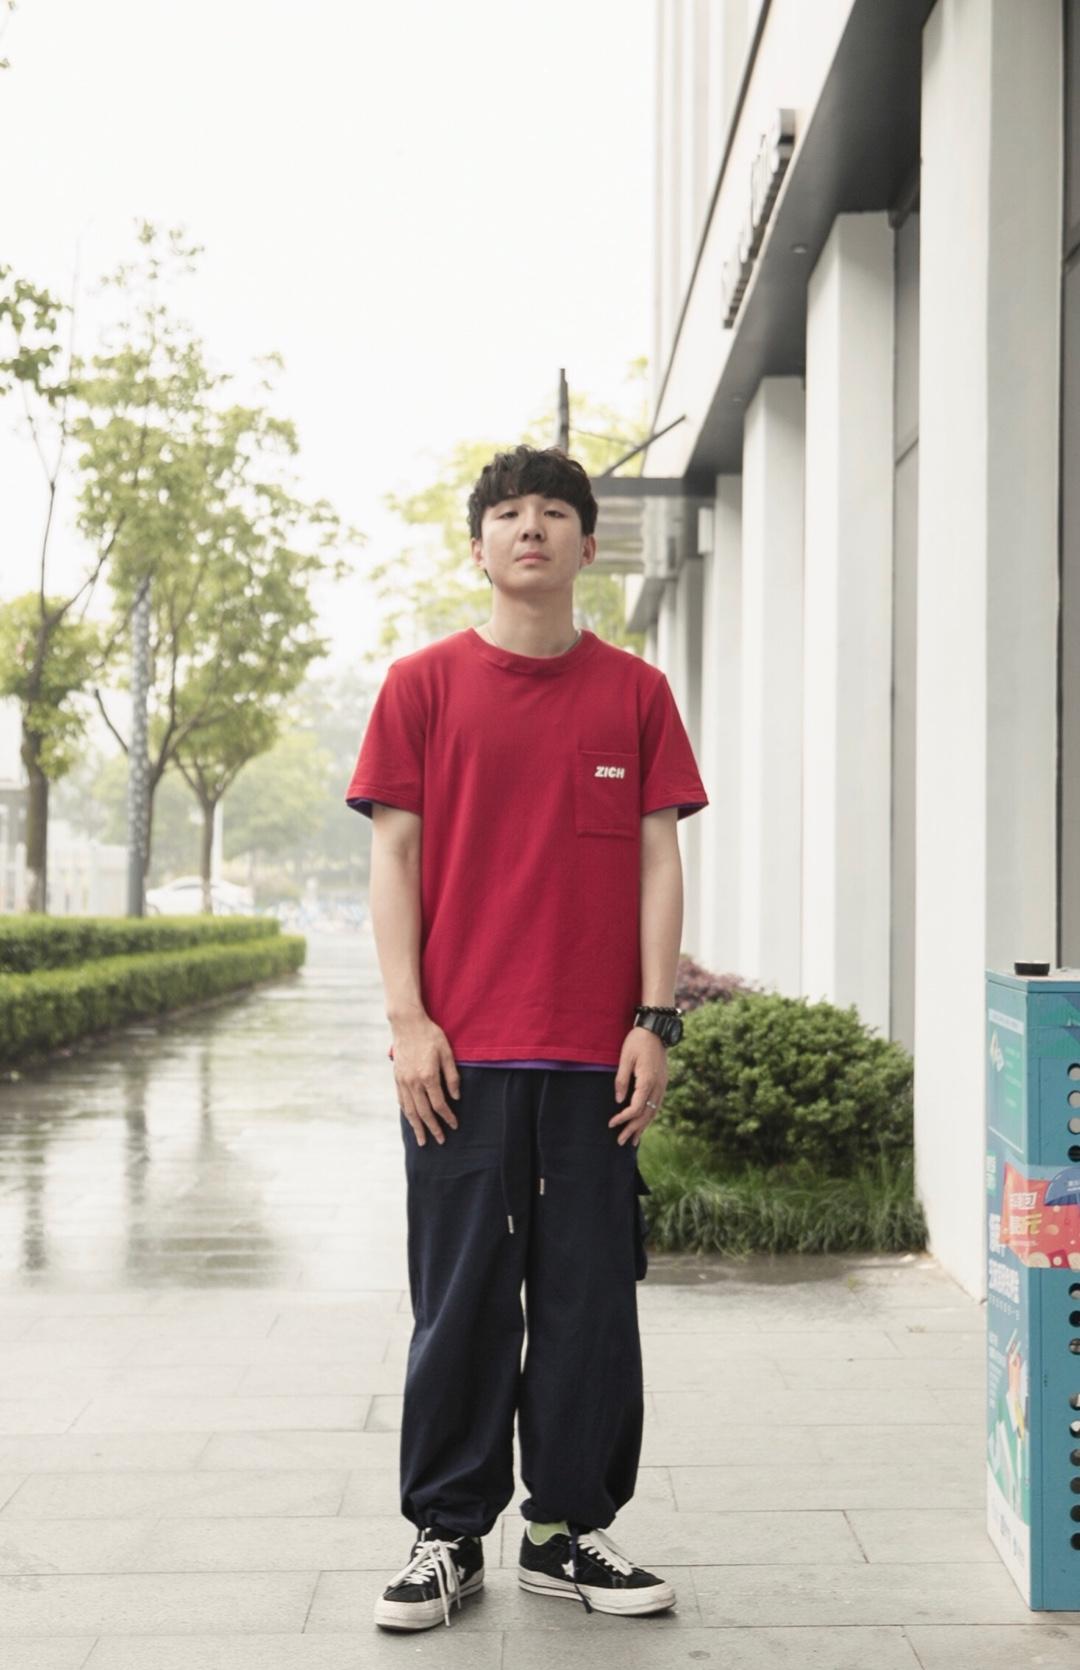 #毕业旅行穿搭,你还缺这套look!# 大红色的T恤上身非常显白,简单的印花让衣服看起来很适合男生,亮点是背后的印花,搭配藏青色的束腿裤,简直十分的帅气呀!